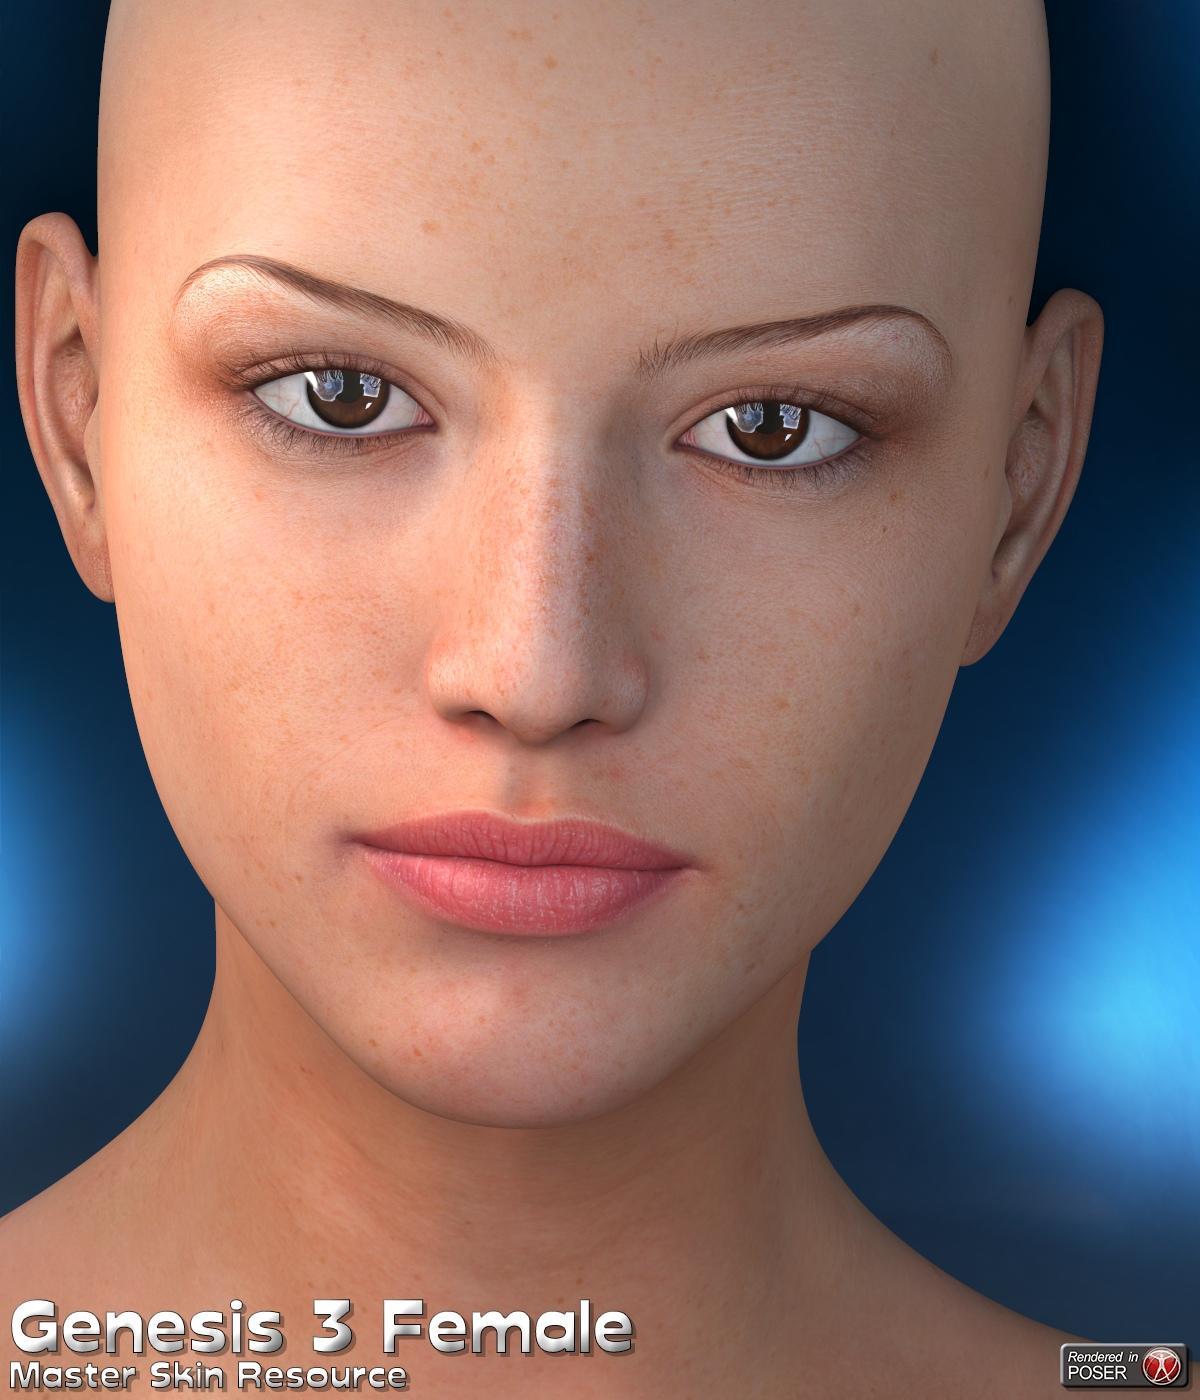 Master Skin Resource 10 - Genesis 3 Female + Genesis 8 Female